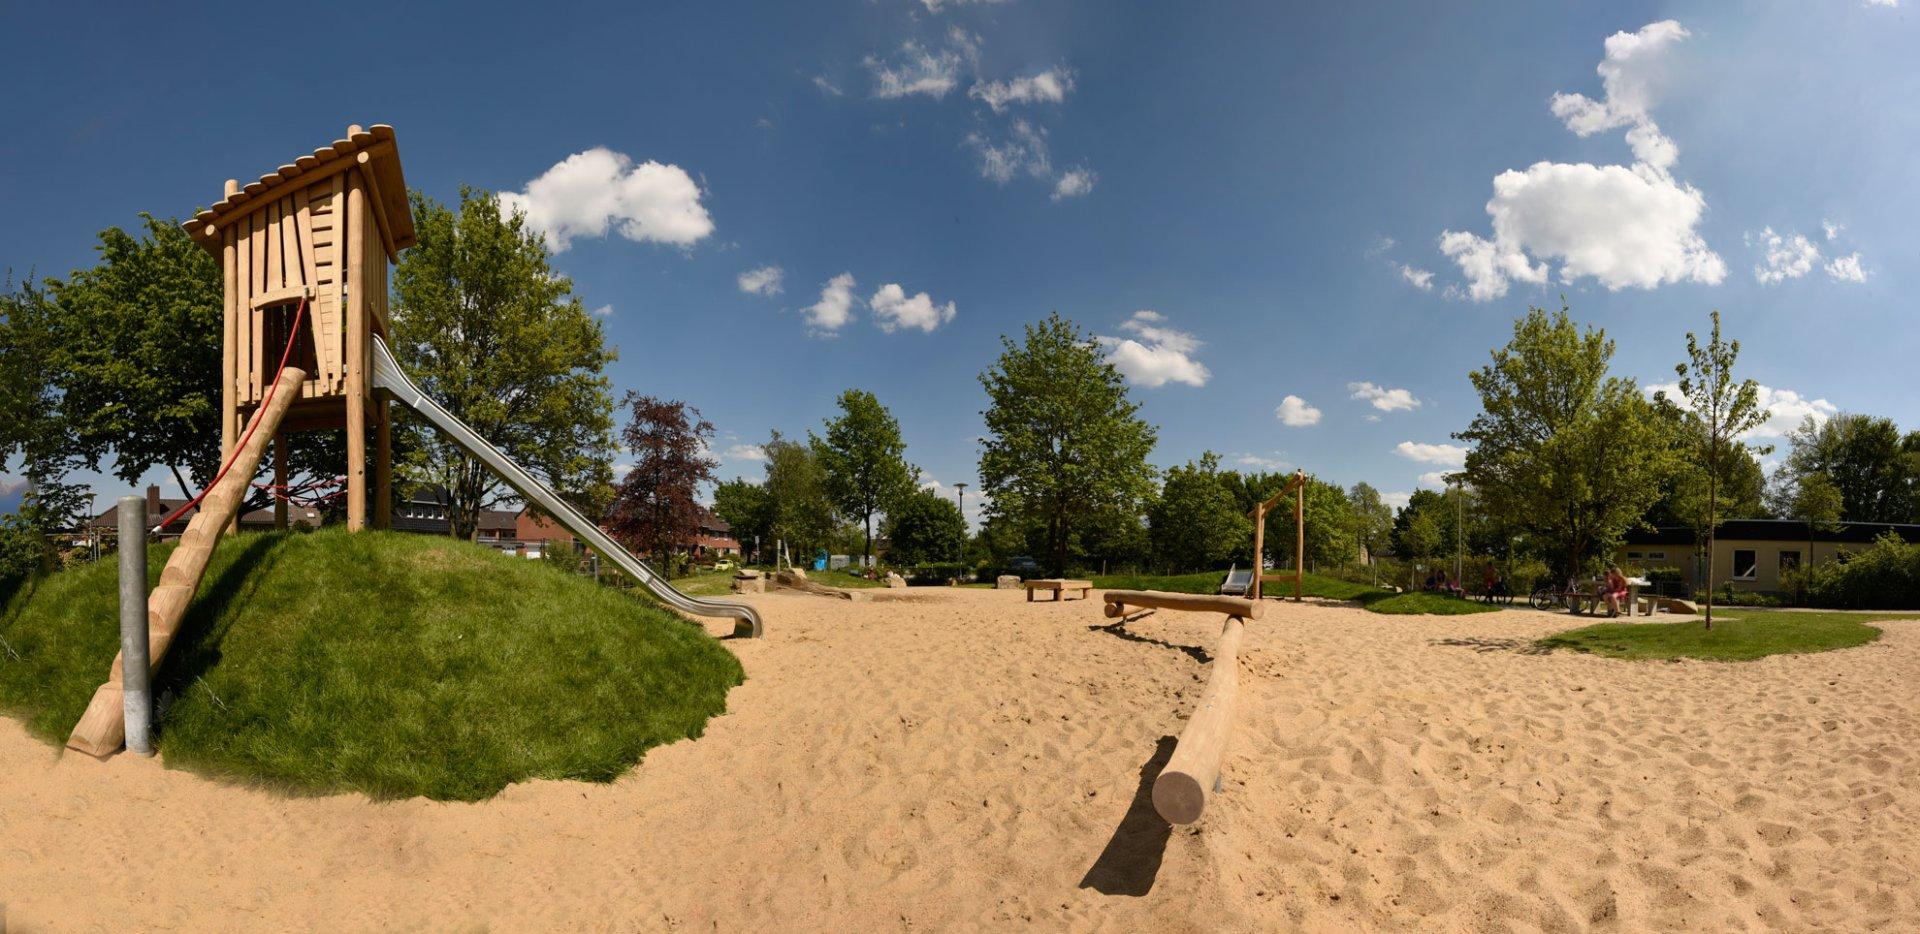 Kinderspielplatz bendenstra e kempen st hubert meyers - Garten und landschaftsbau st ingbert ...